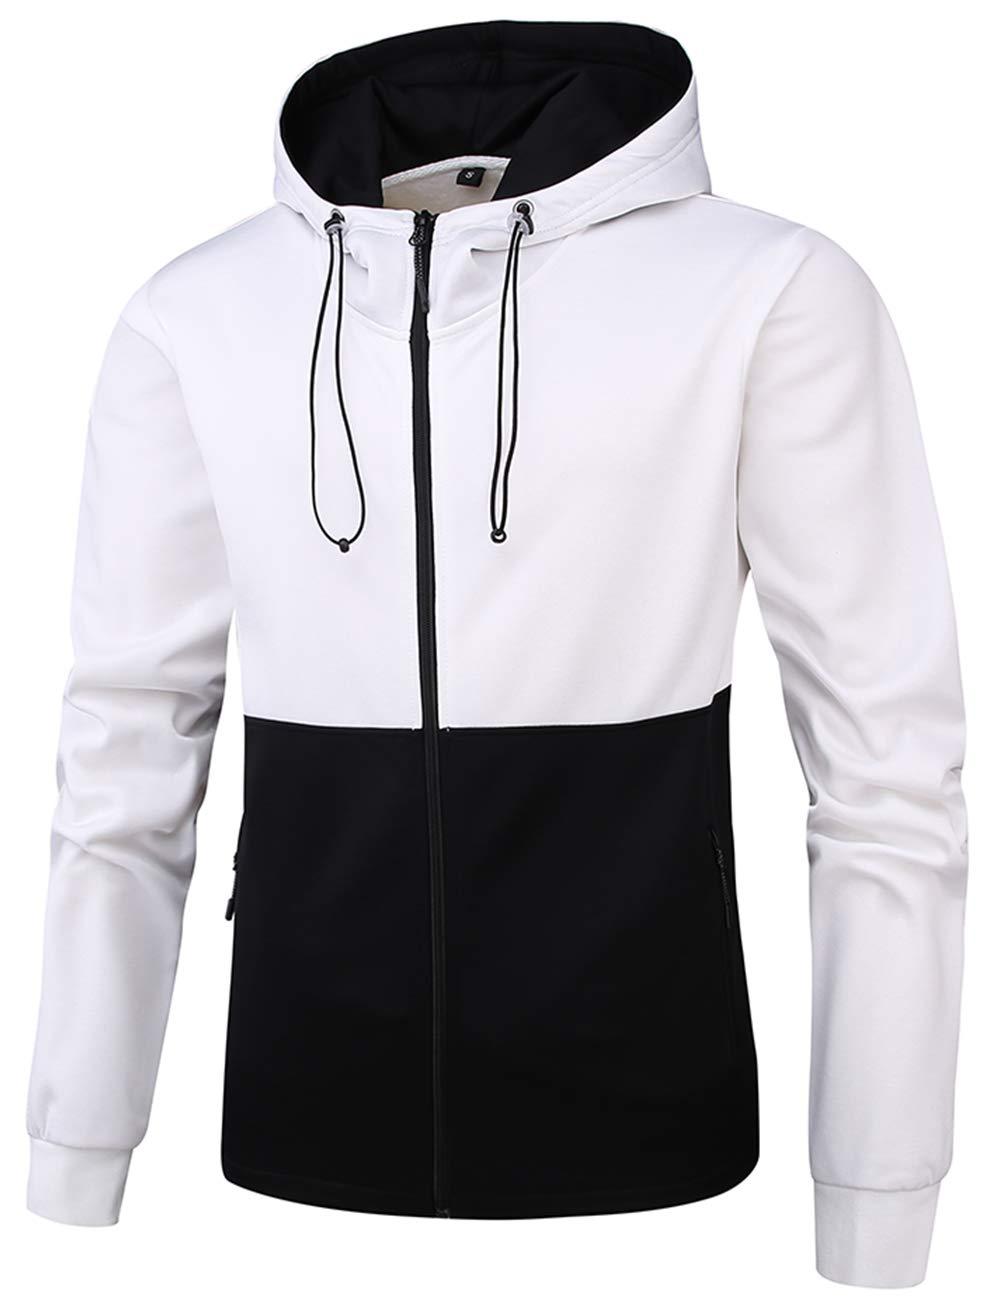 DUOFIER Men's Full Zip Hooded Active Sweatshirt Color-Blocking with Side Zipper Pockets